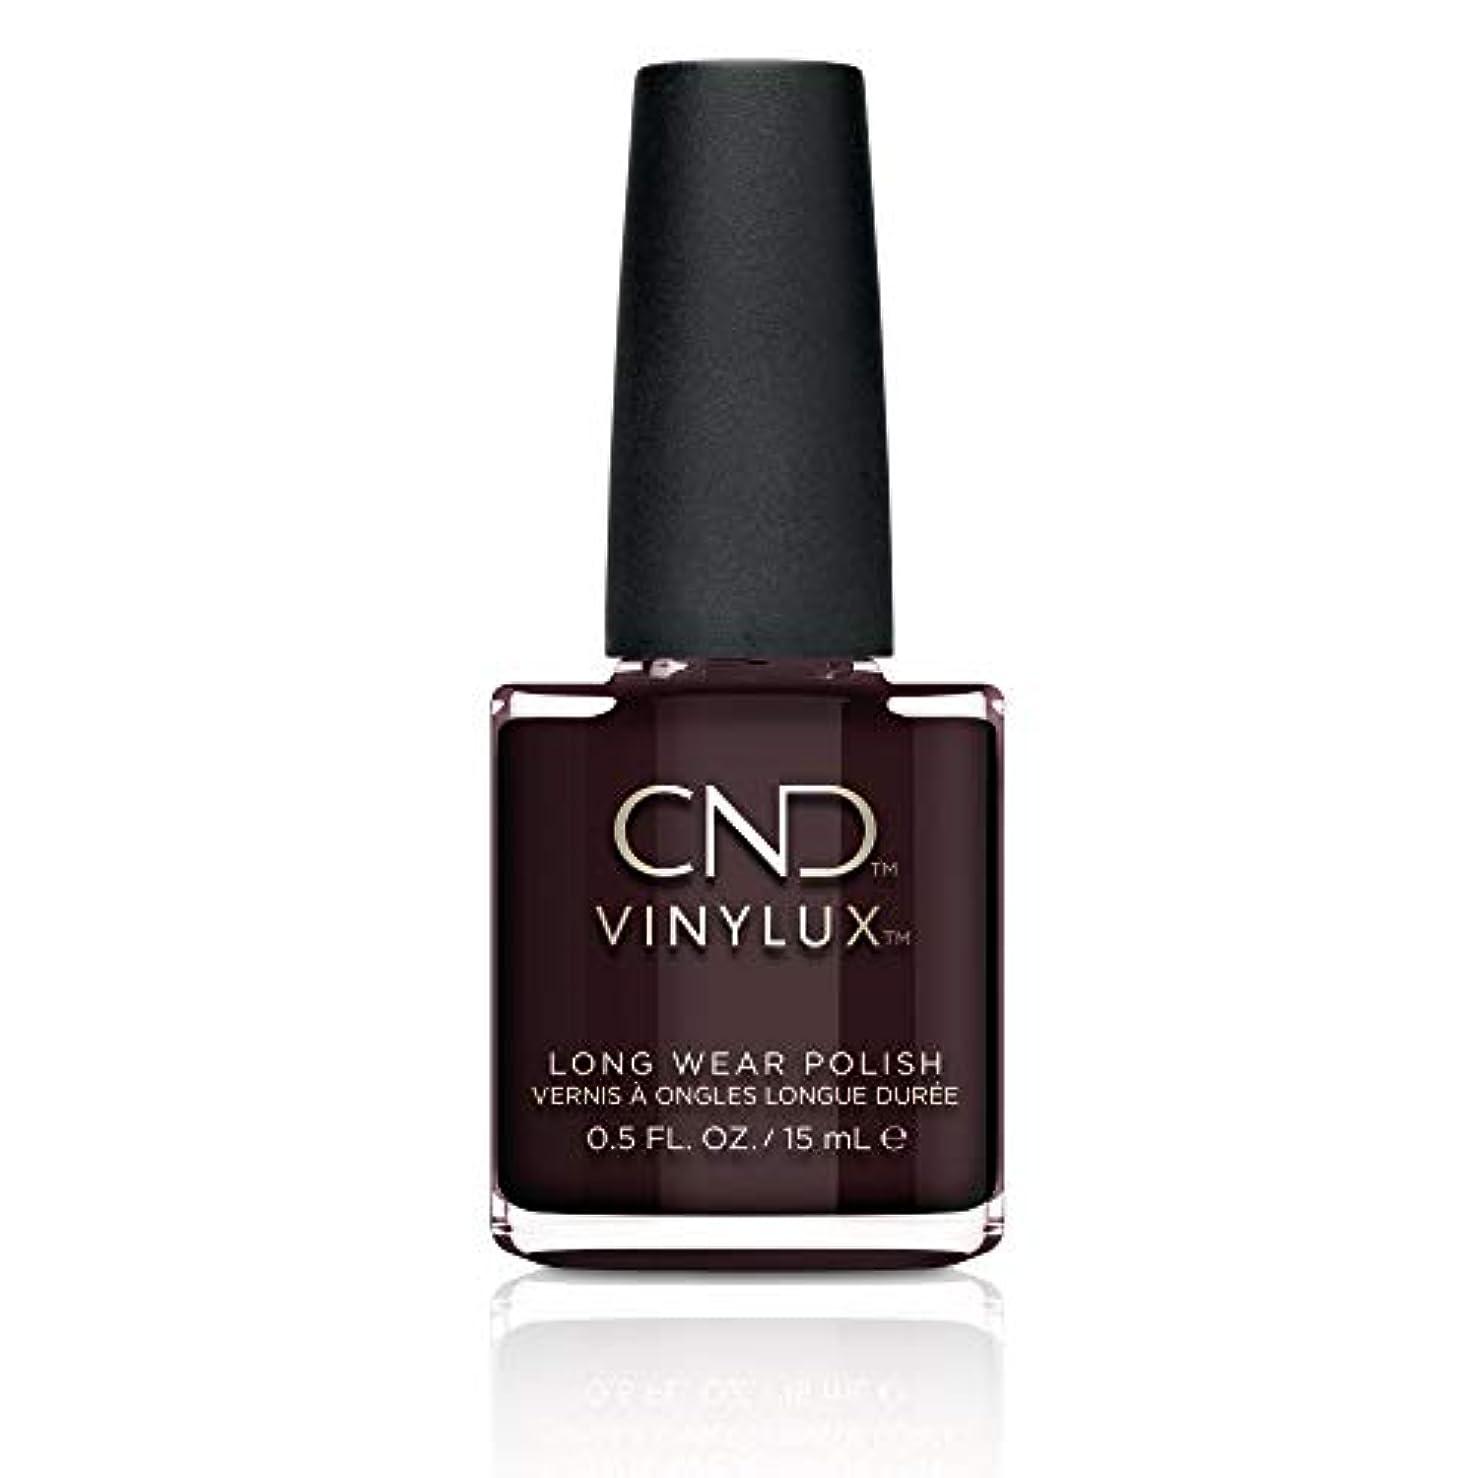 部分的に嫌い制限CND Vinylux Long Wear Nail Polish (No Lamp Required), 15 ml, Purple, Dark Dahlia